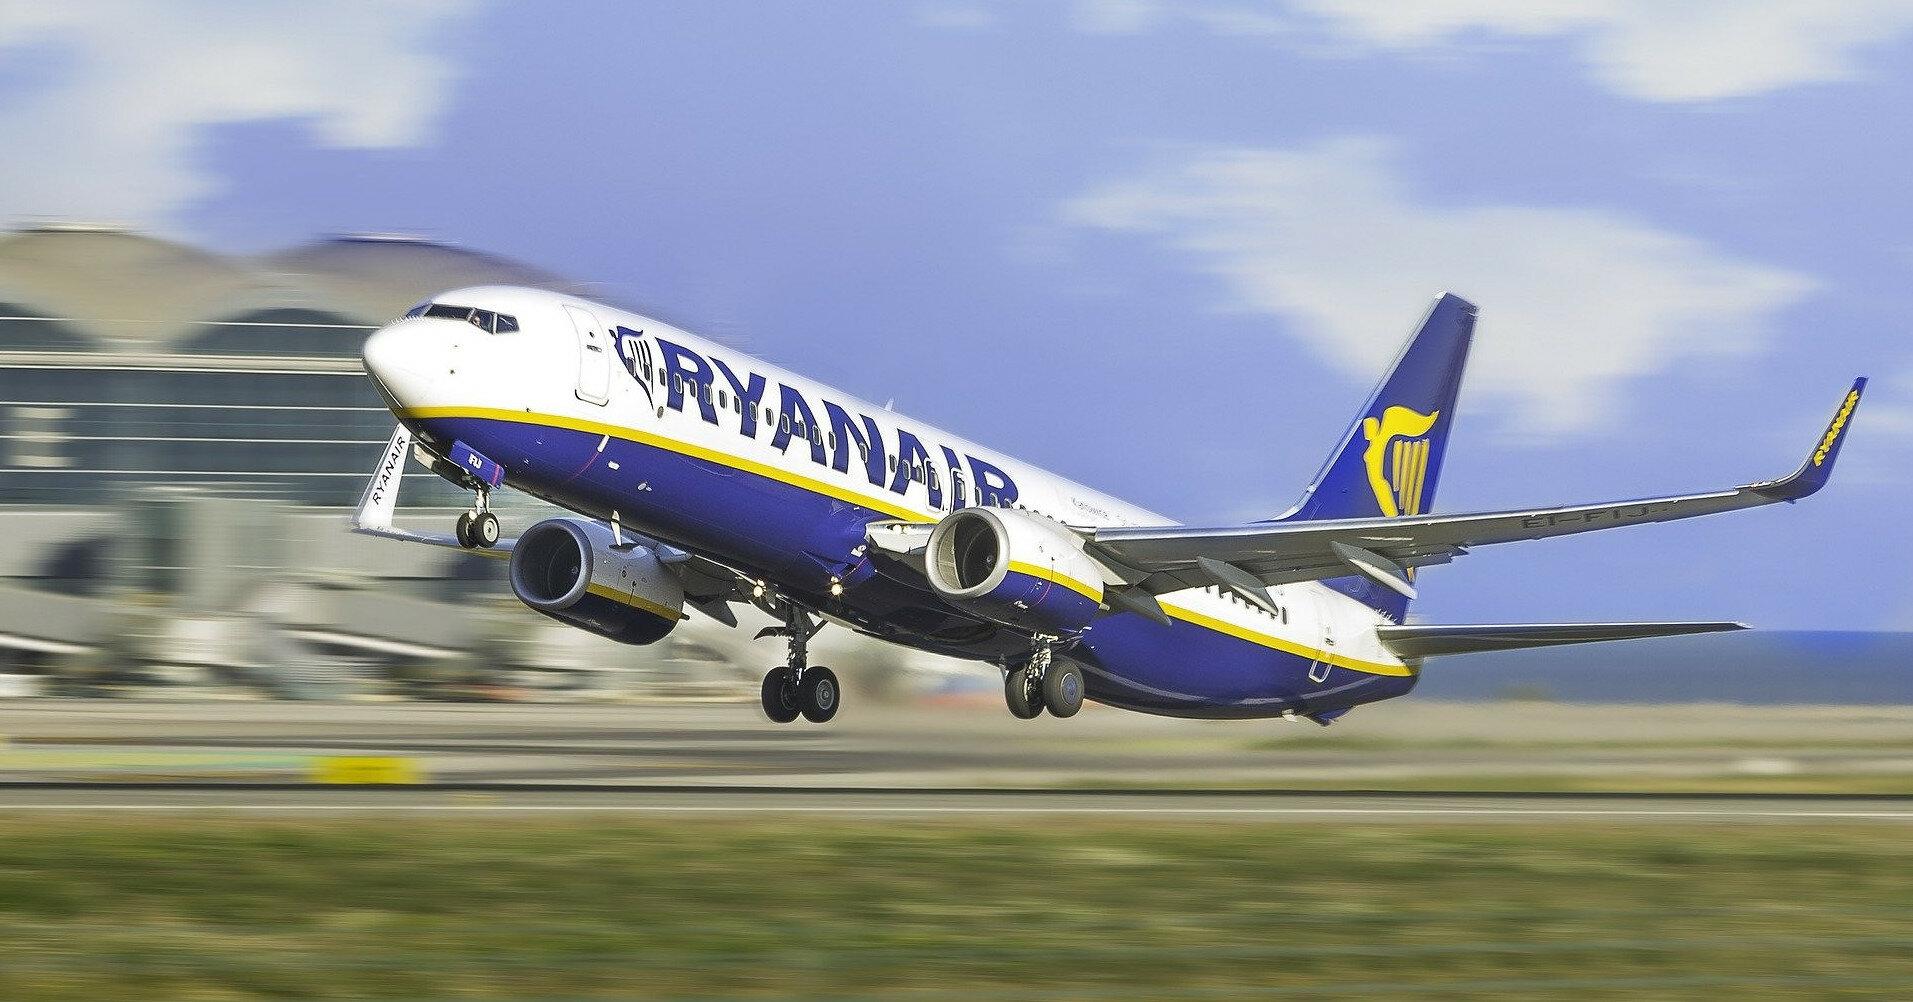 Самолет Ryanair совершил посадку в Берлине из-за сообщения о бомбе